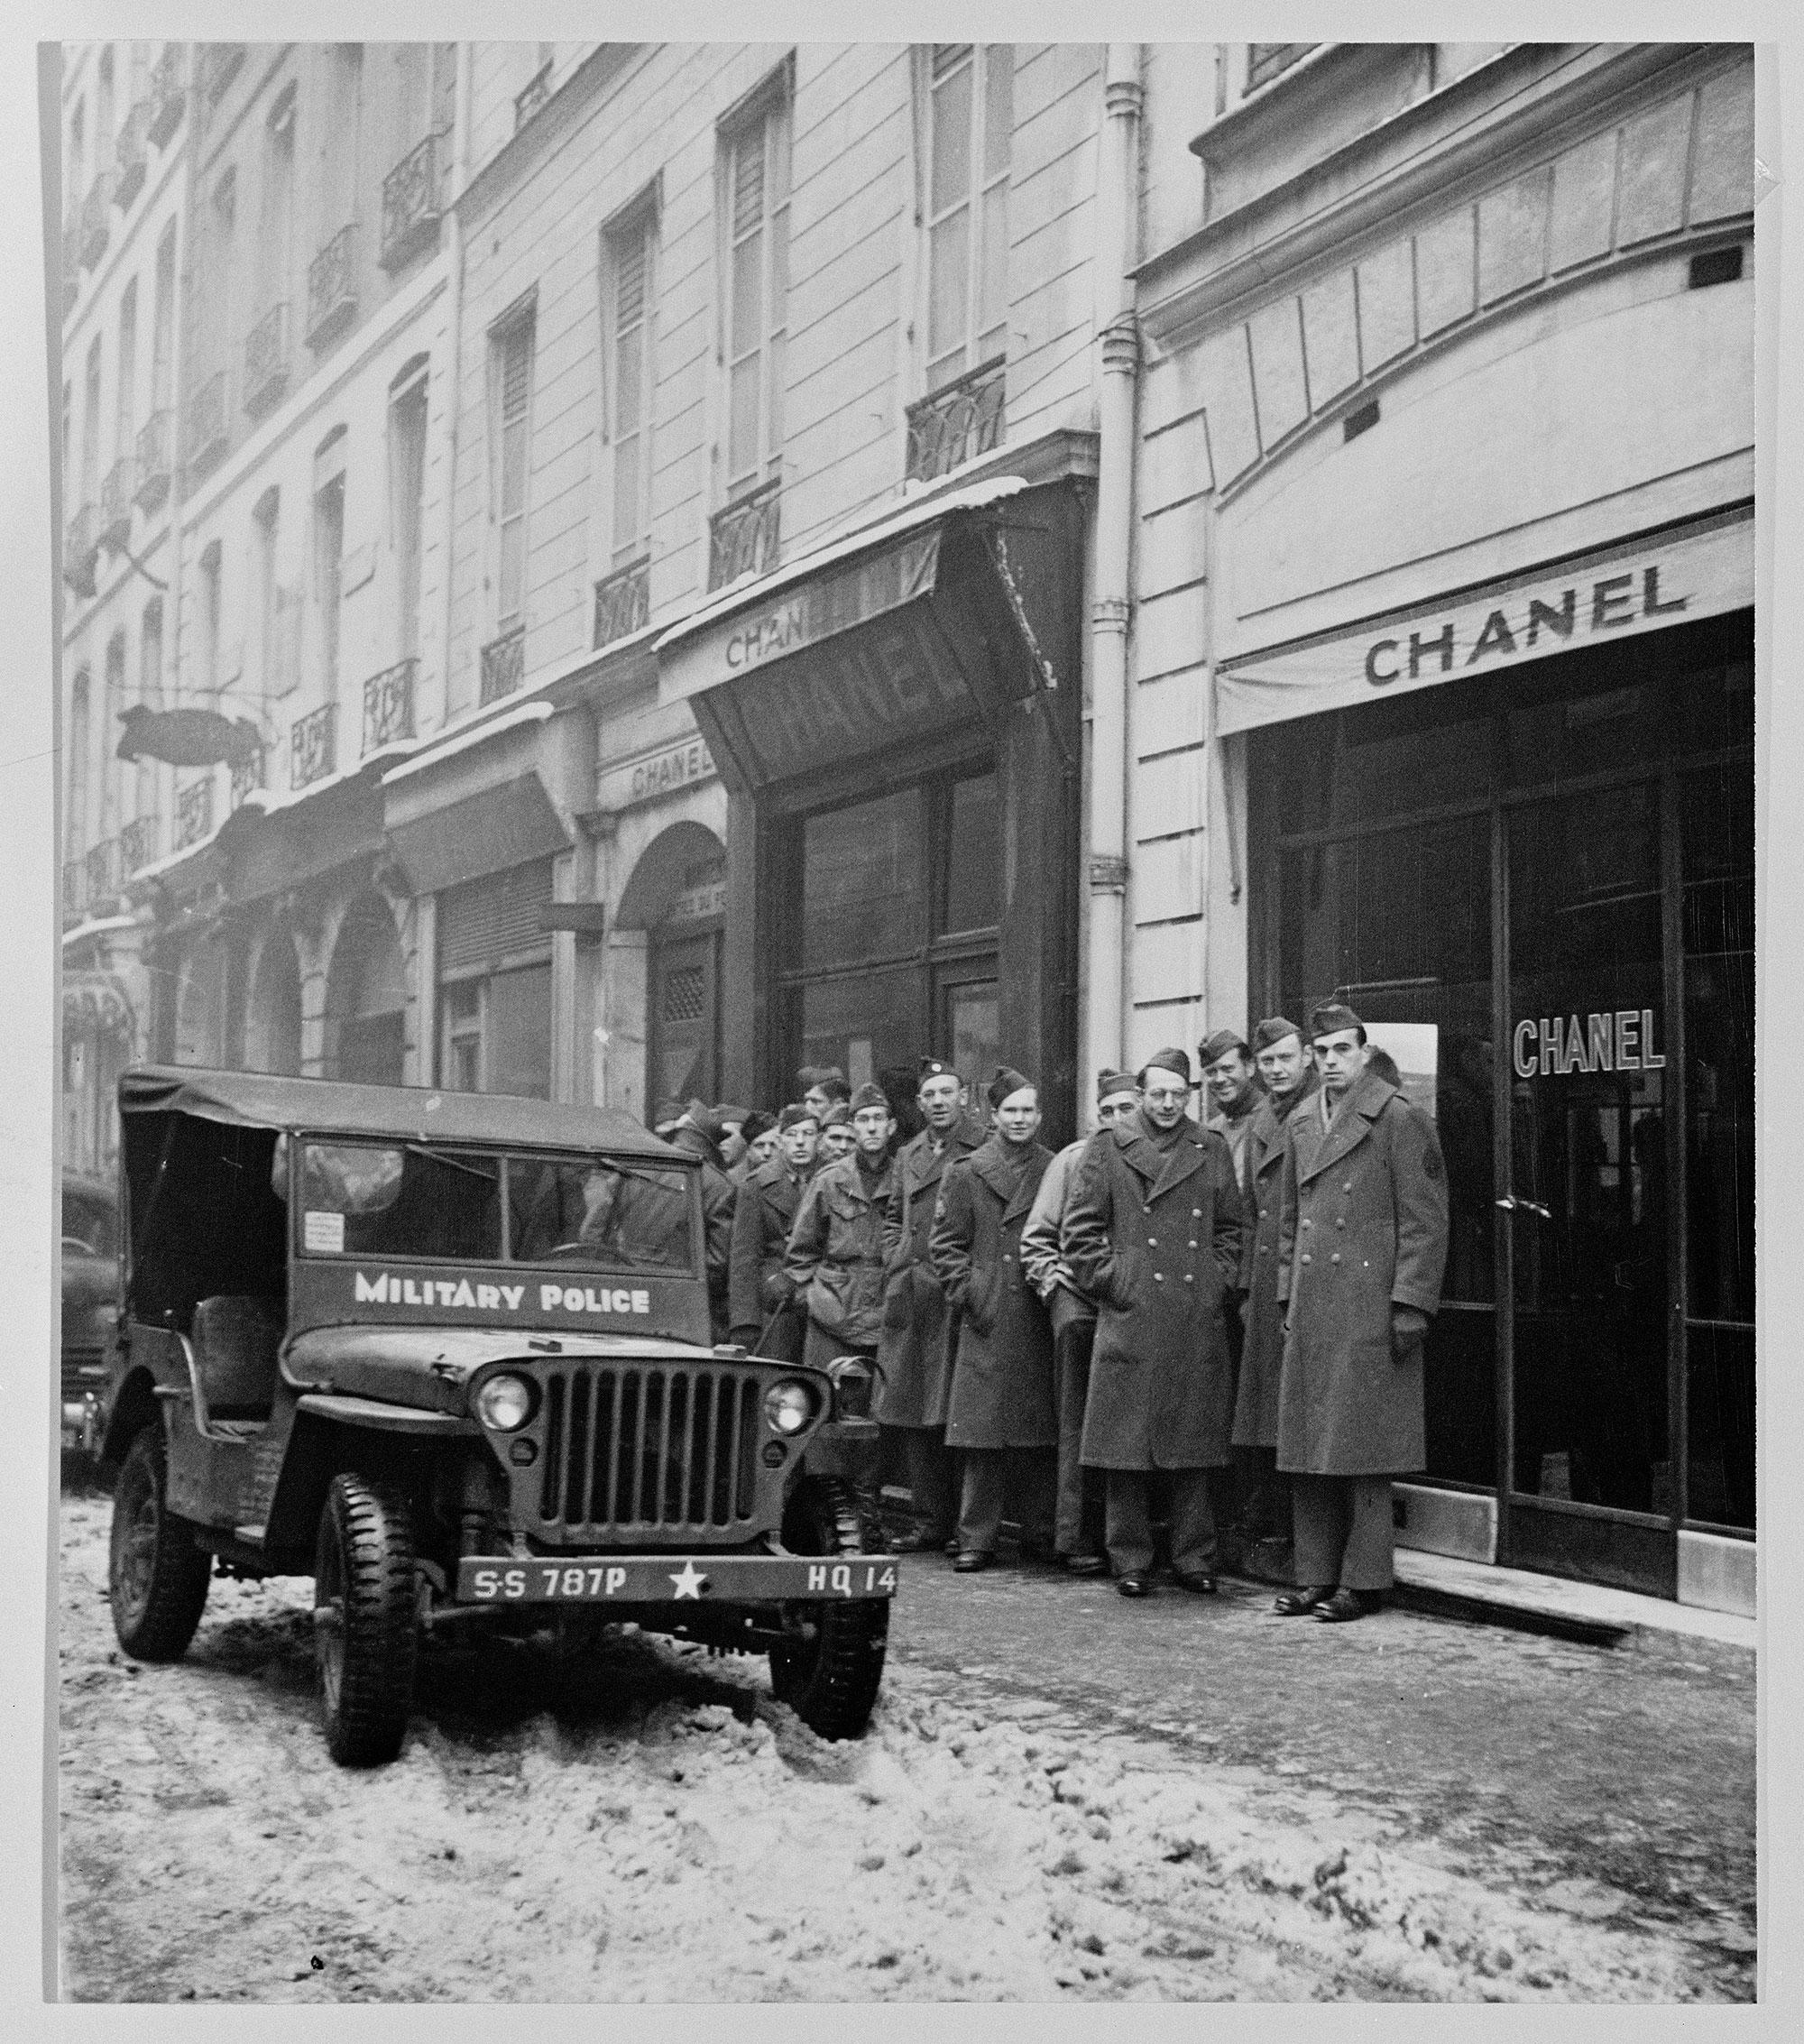 第二次世界大戦におけるパリの解放のとき、米兵たちはCHANELのブティックに押しかけて、祖国で待つ妻や婚約者にN°5を持ち帰った。N°5の名は一気に知れわたり、世界的ベストセラーとなる